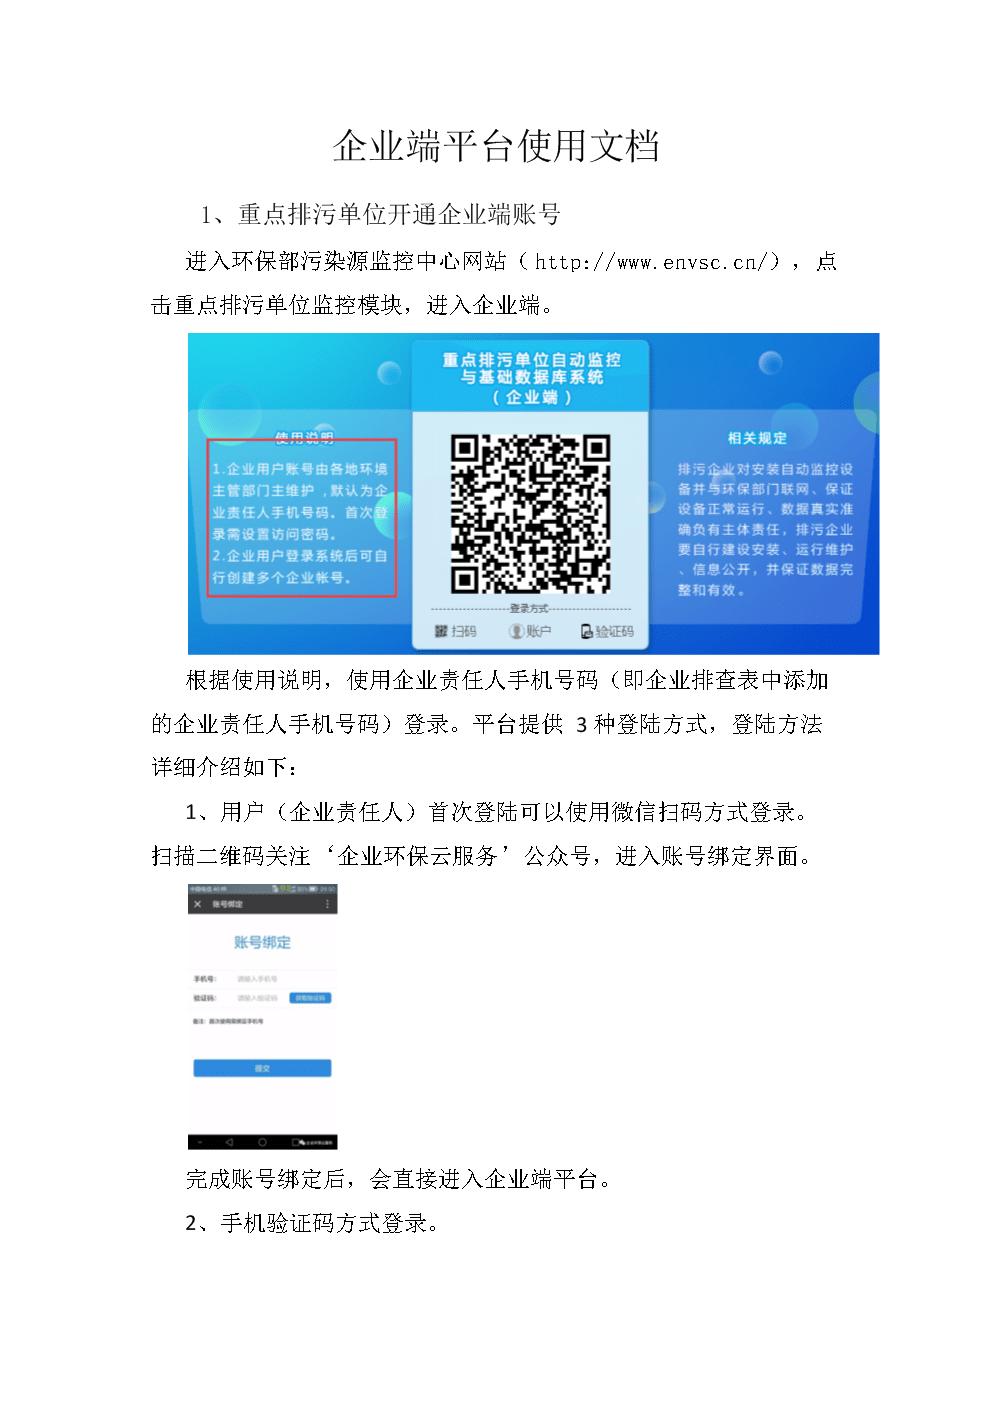 企业端平台使用文档.docx